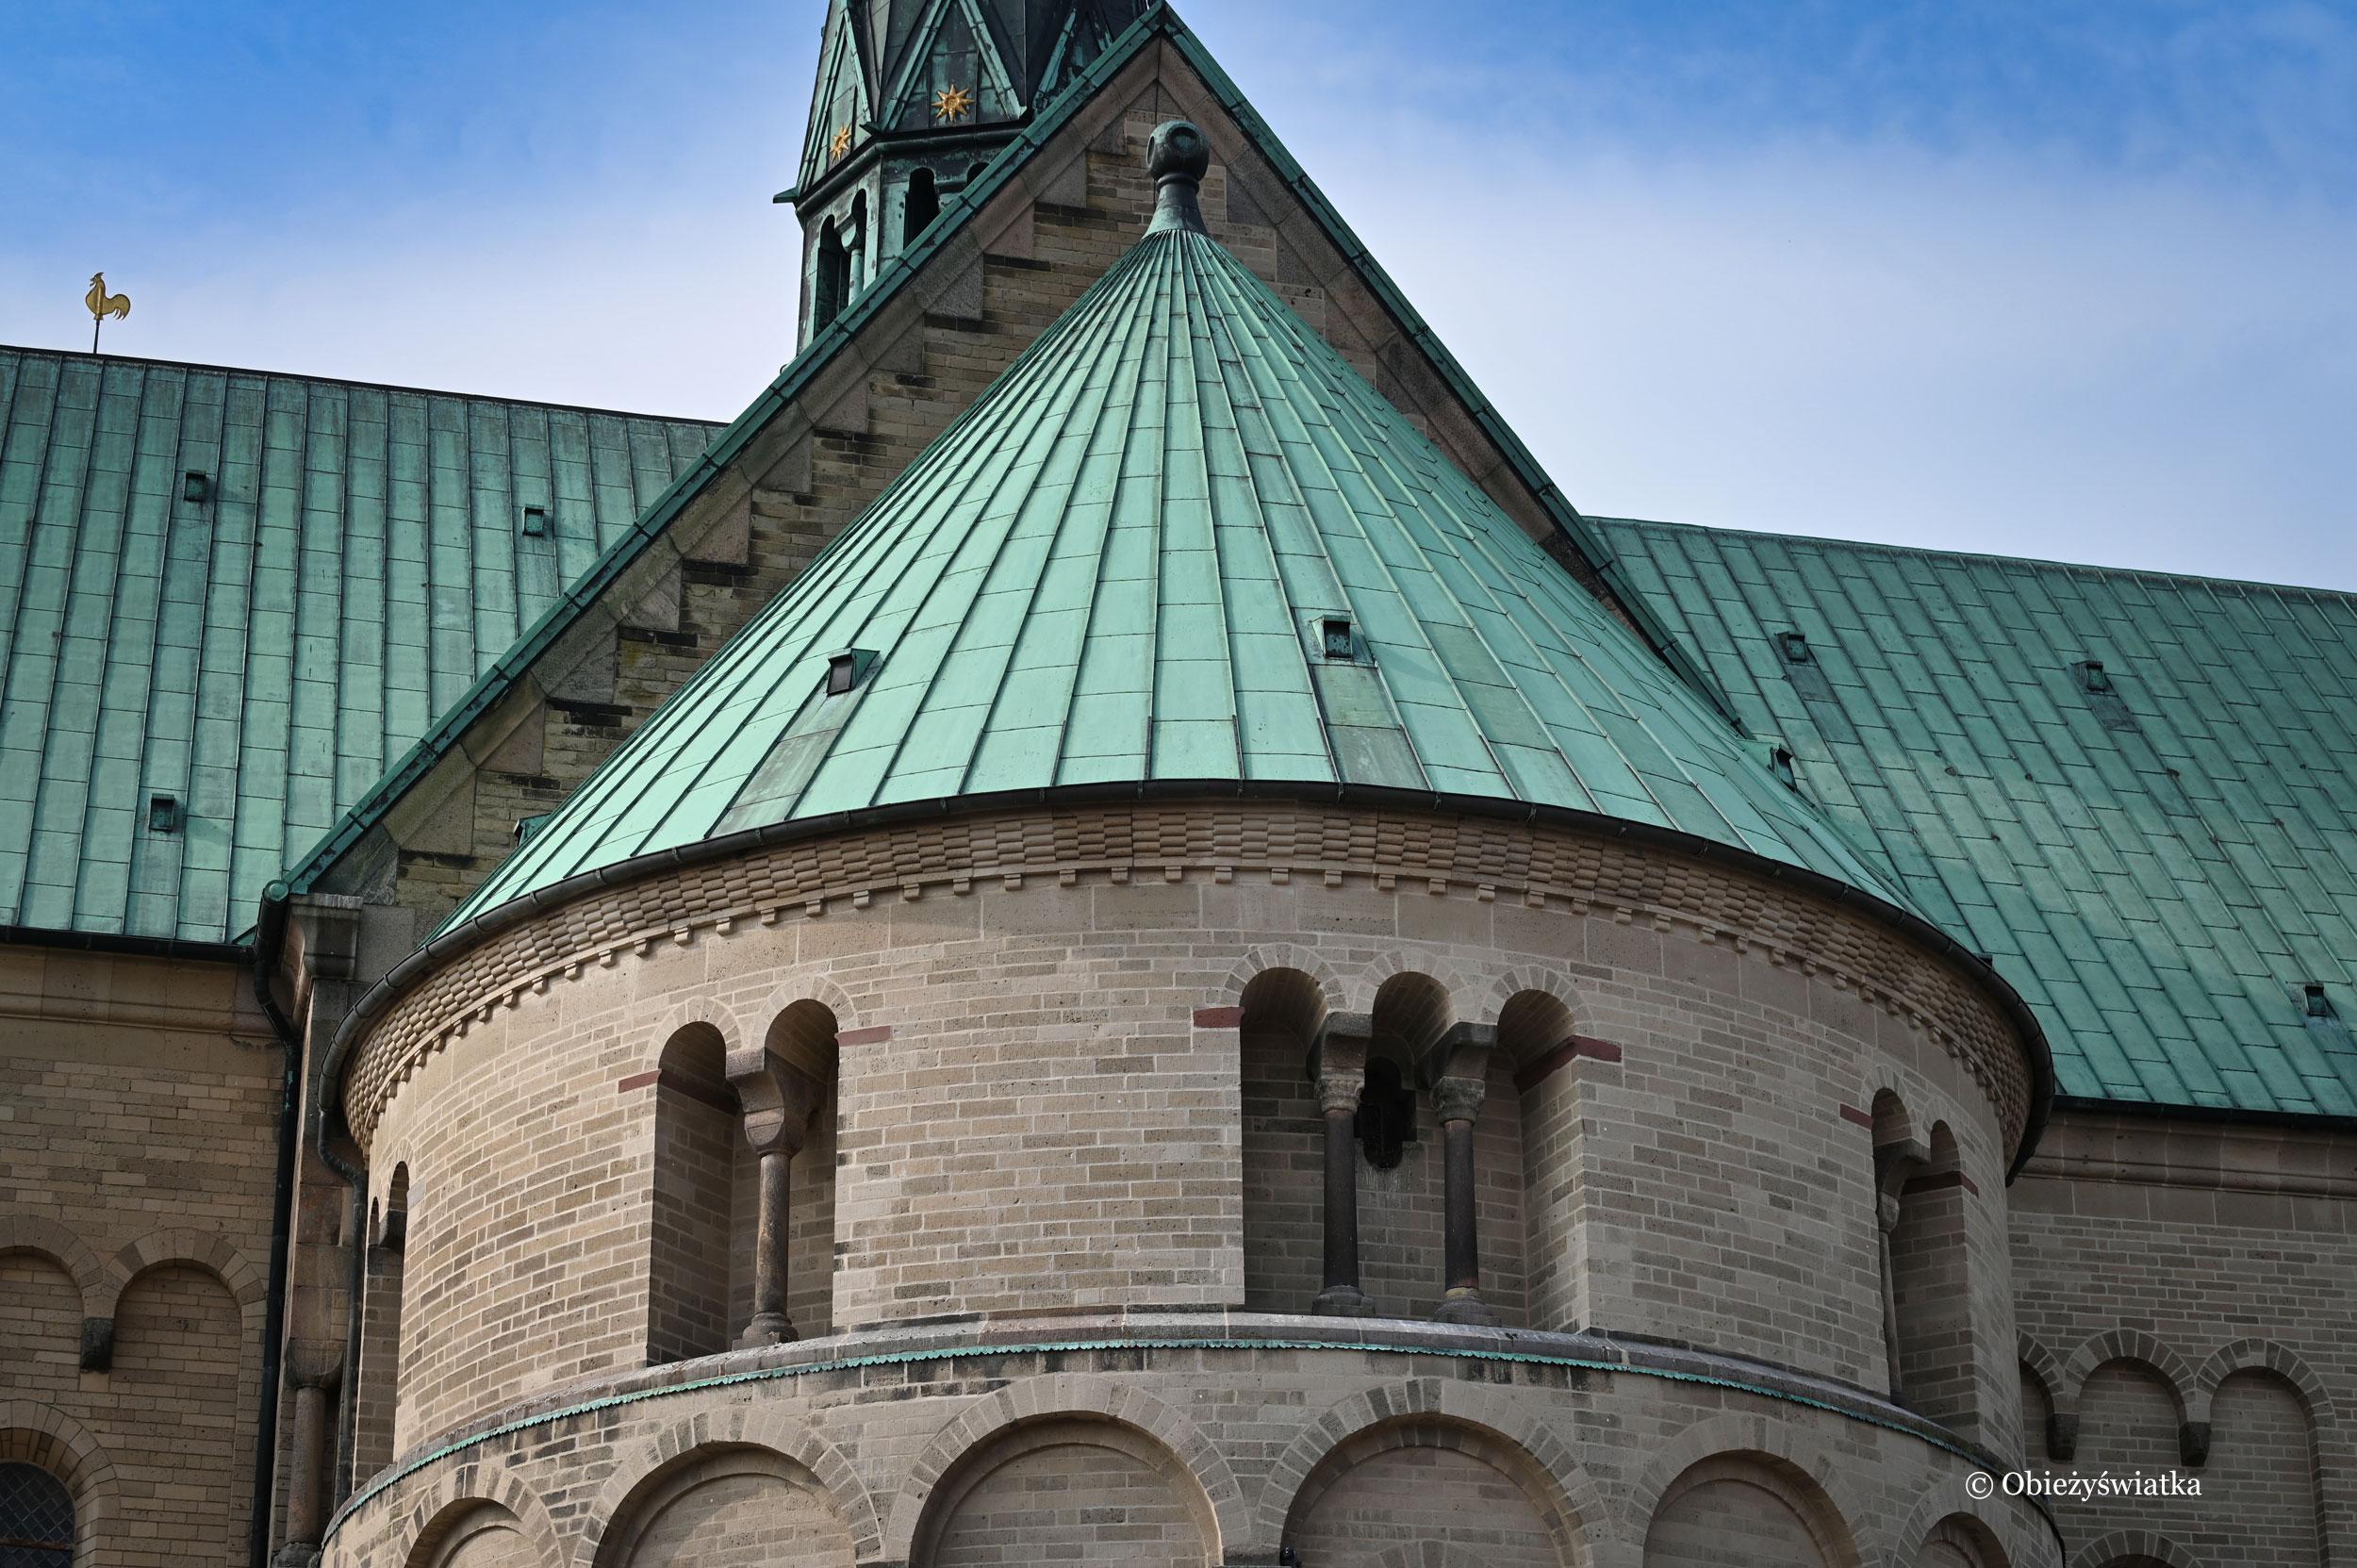 Apsyda z XII w. - Katedra w Ribe, Dania